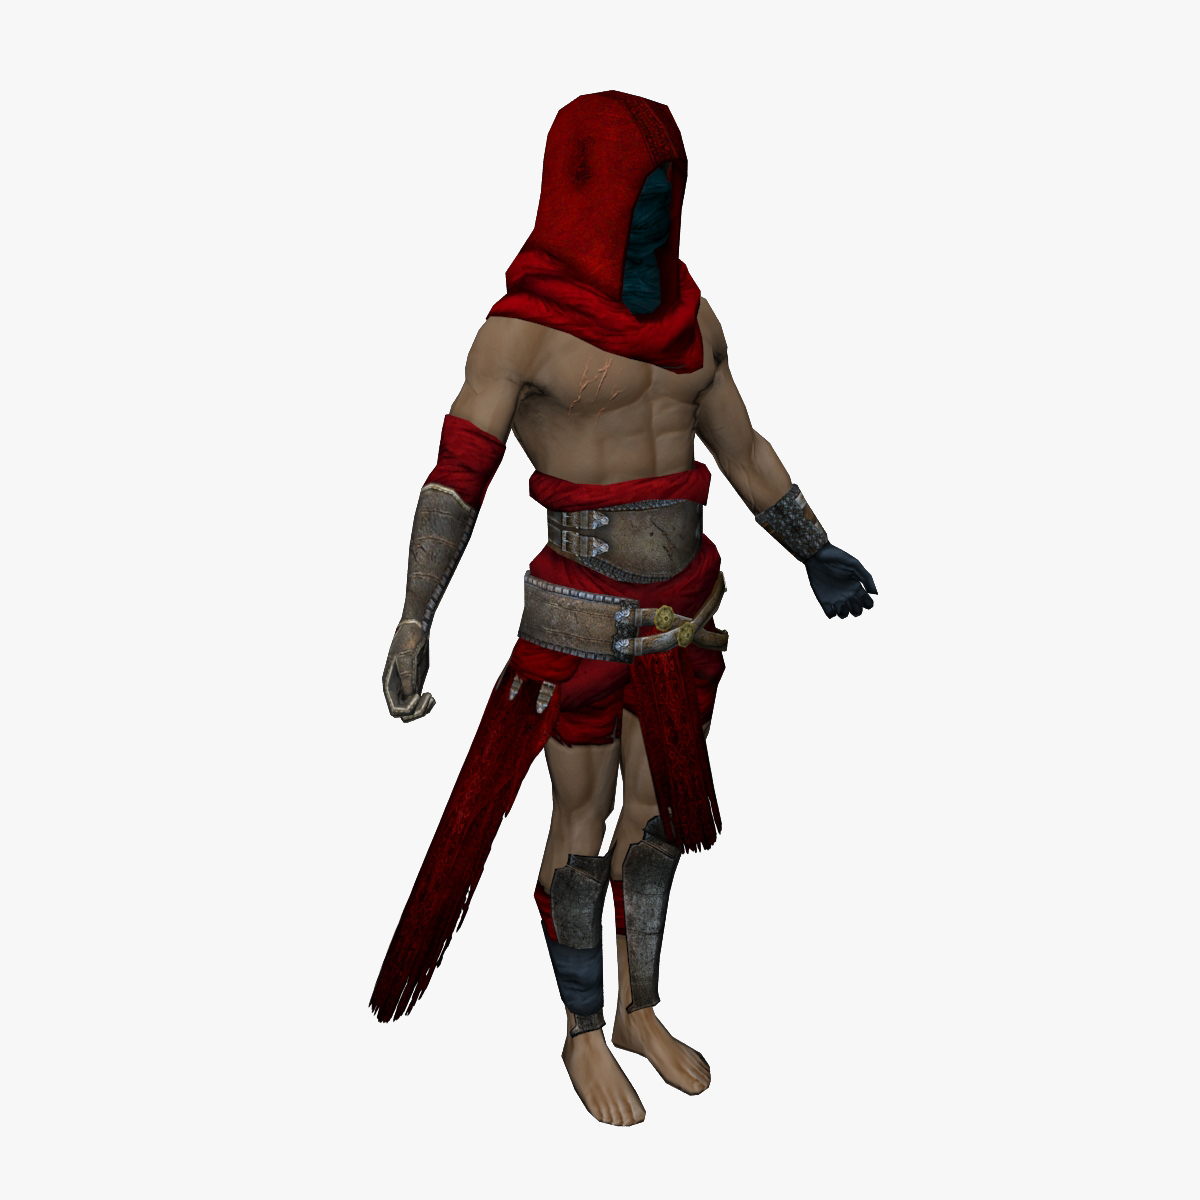 Warrior lo-poly